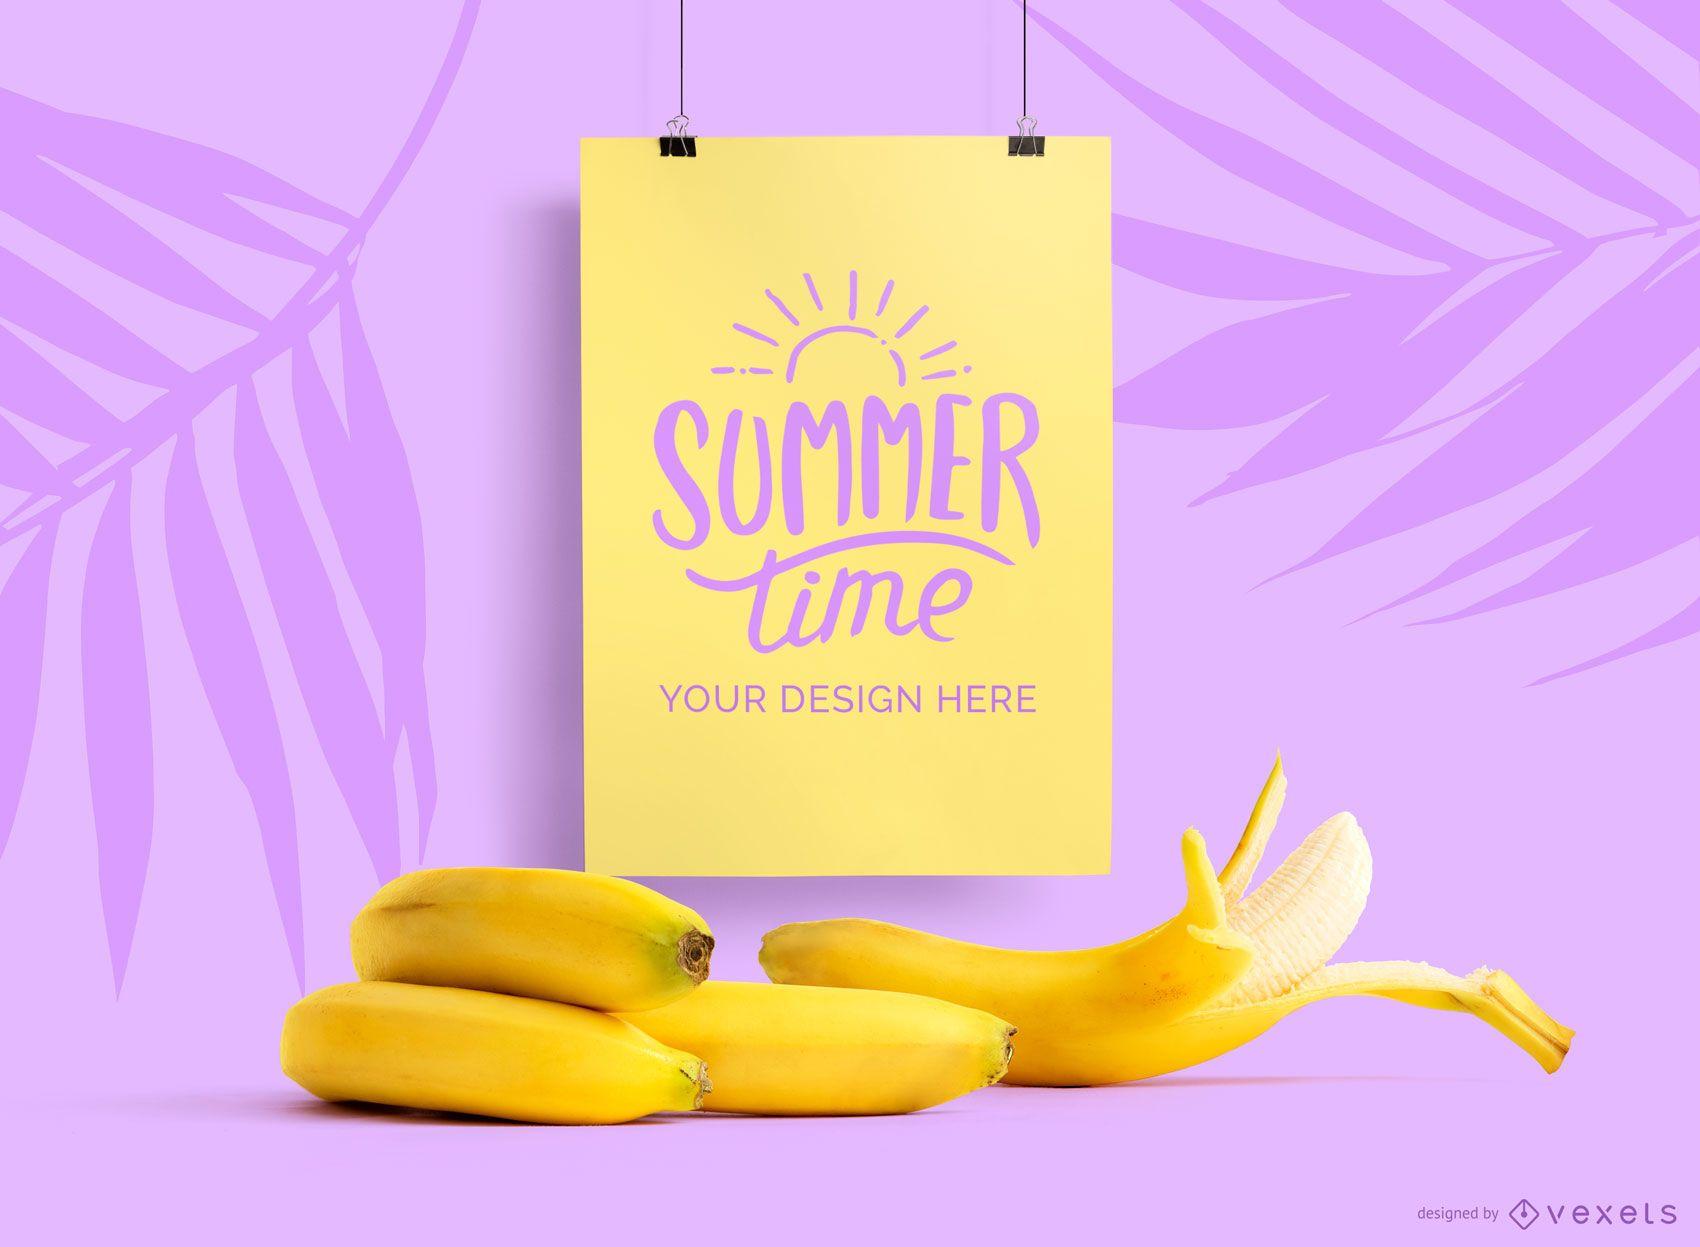 Hanging poster banana mockup